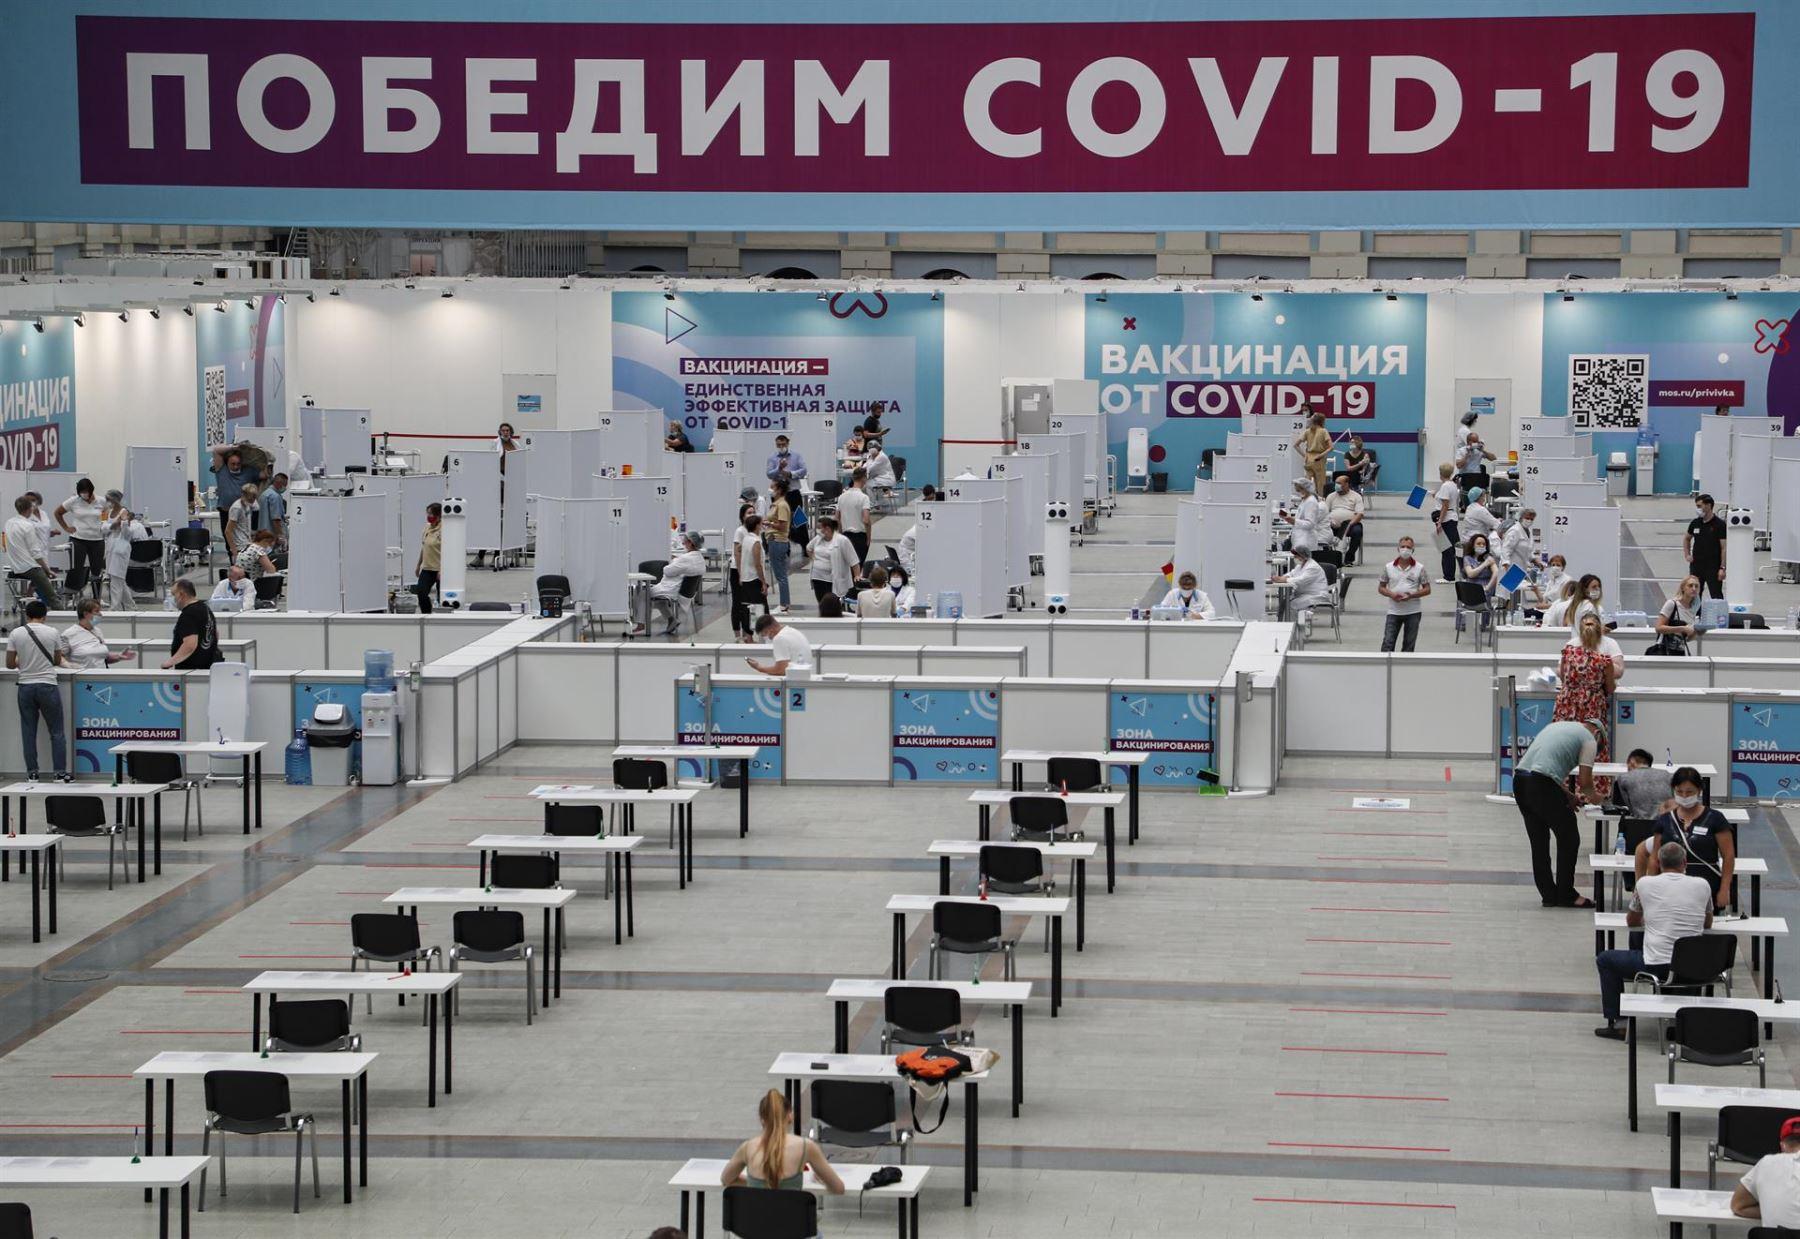 Contagios de covid-19 en Rusia avanzan más rápido que la vacunación